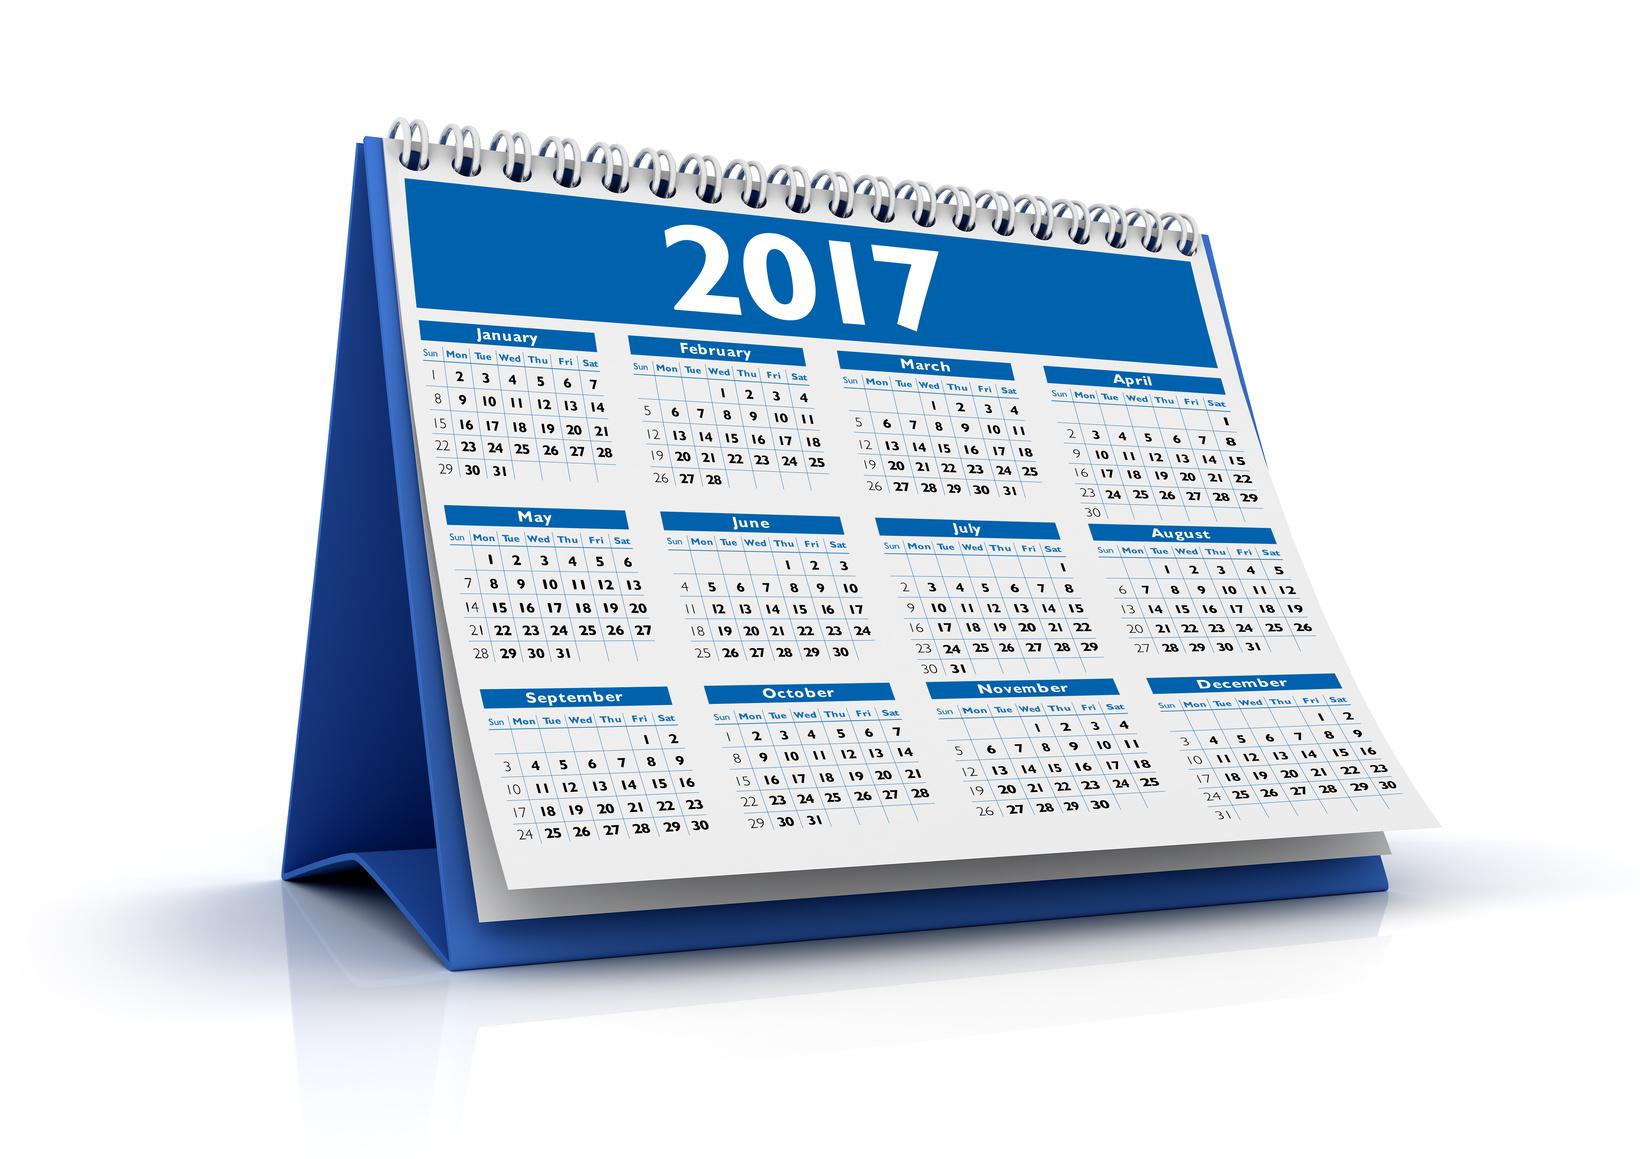 Kalendarze biurkowe – pomysł naprezent dla klientów ipracowników